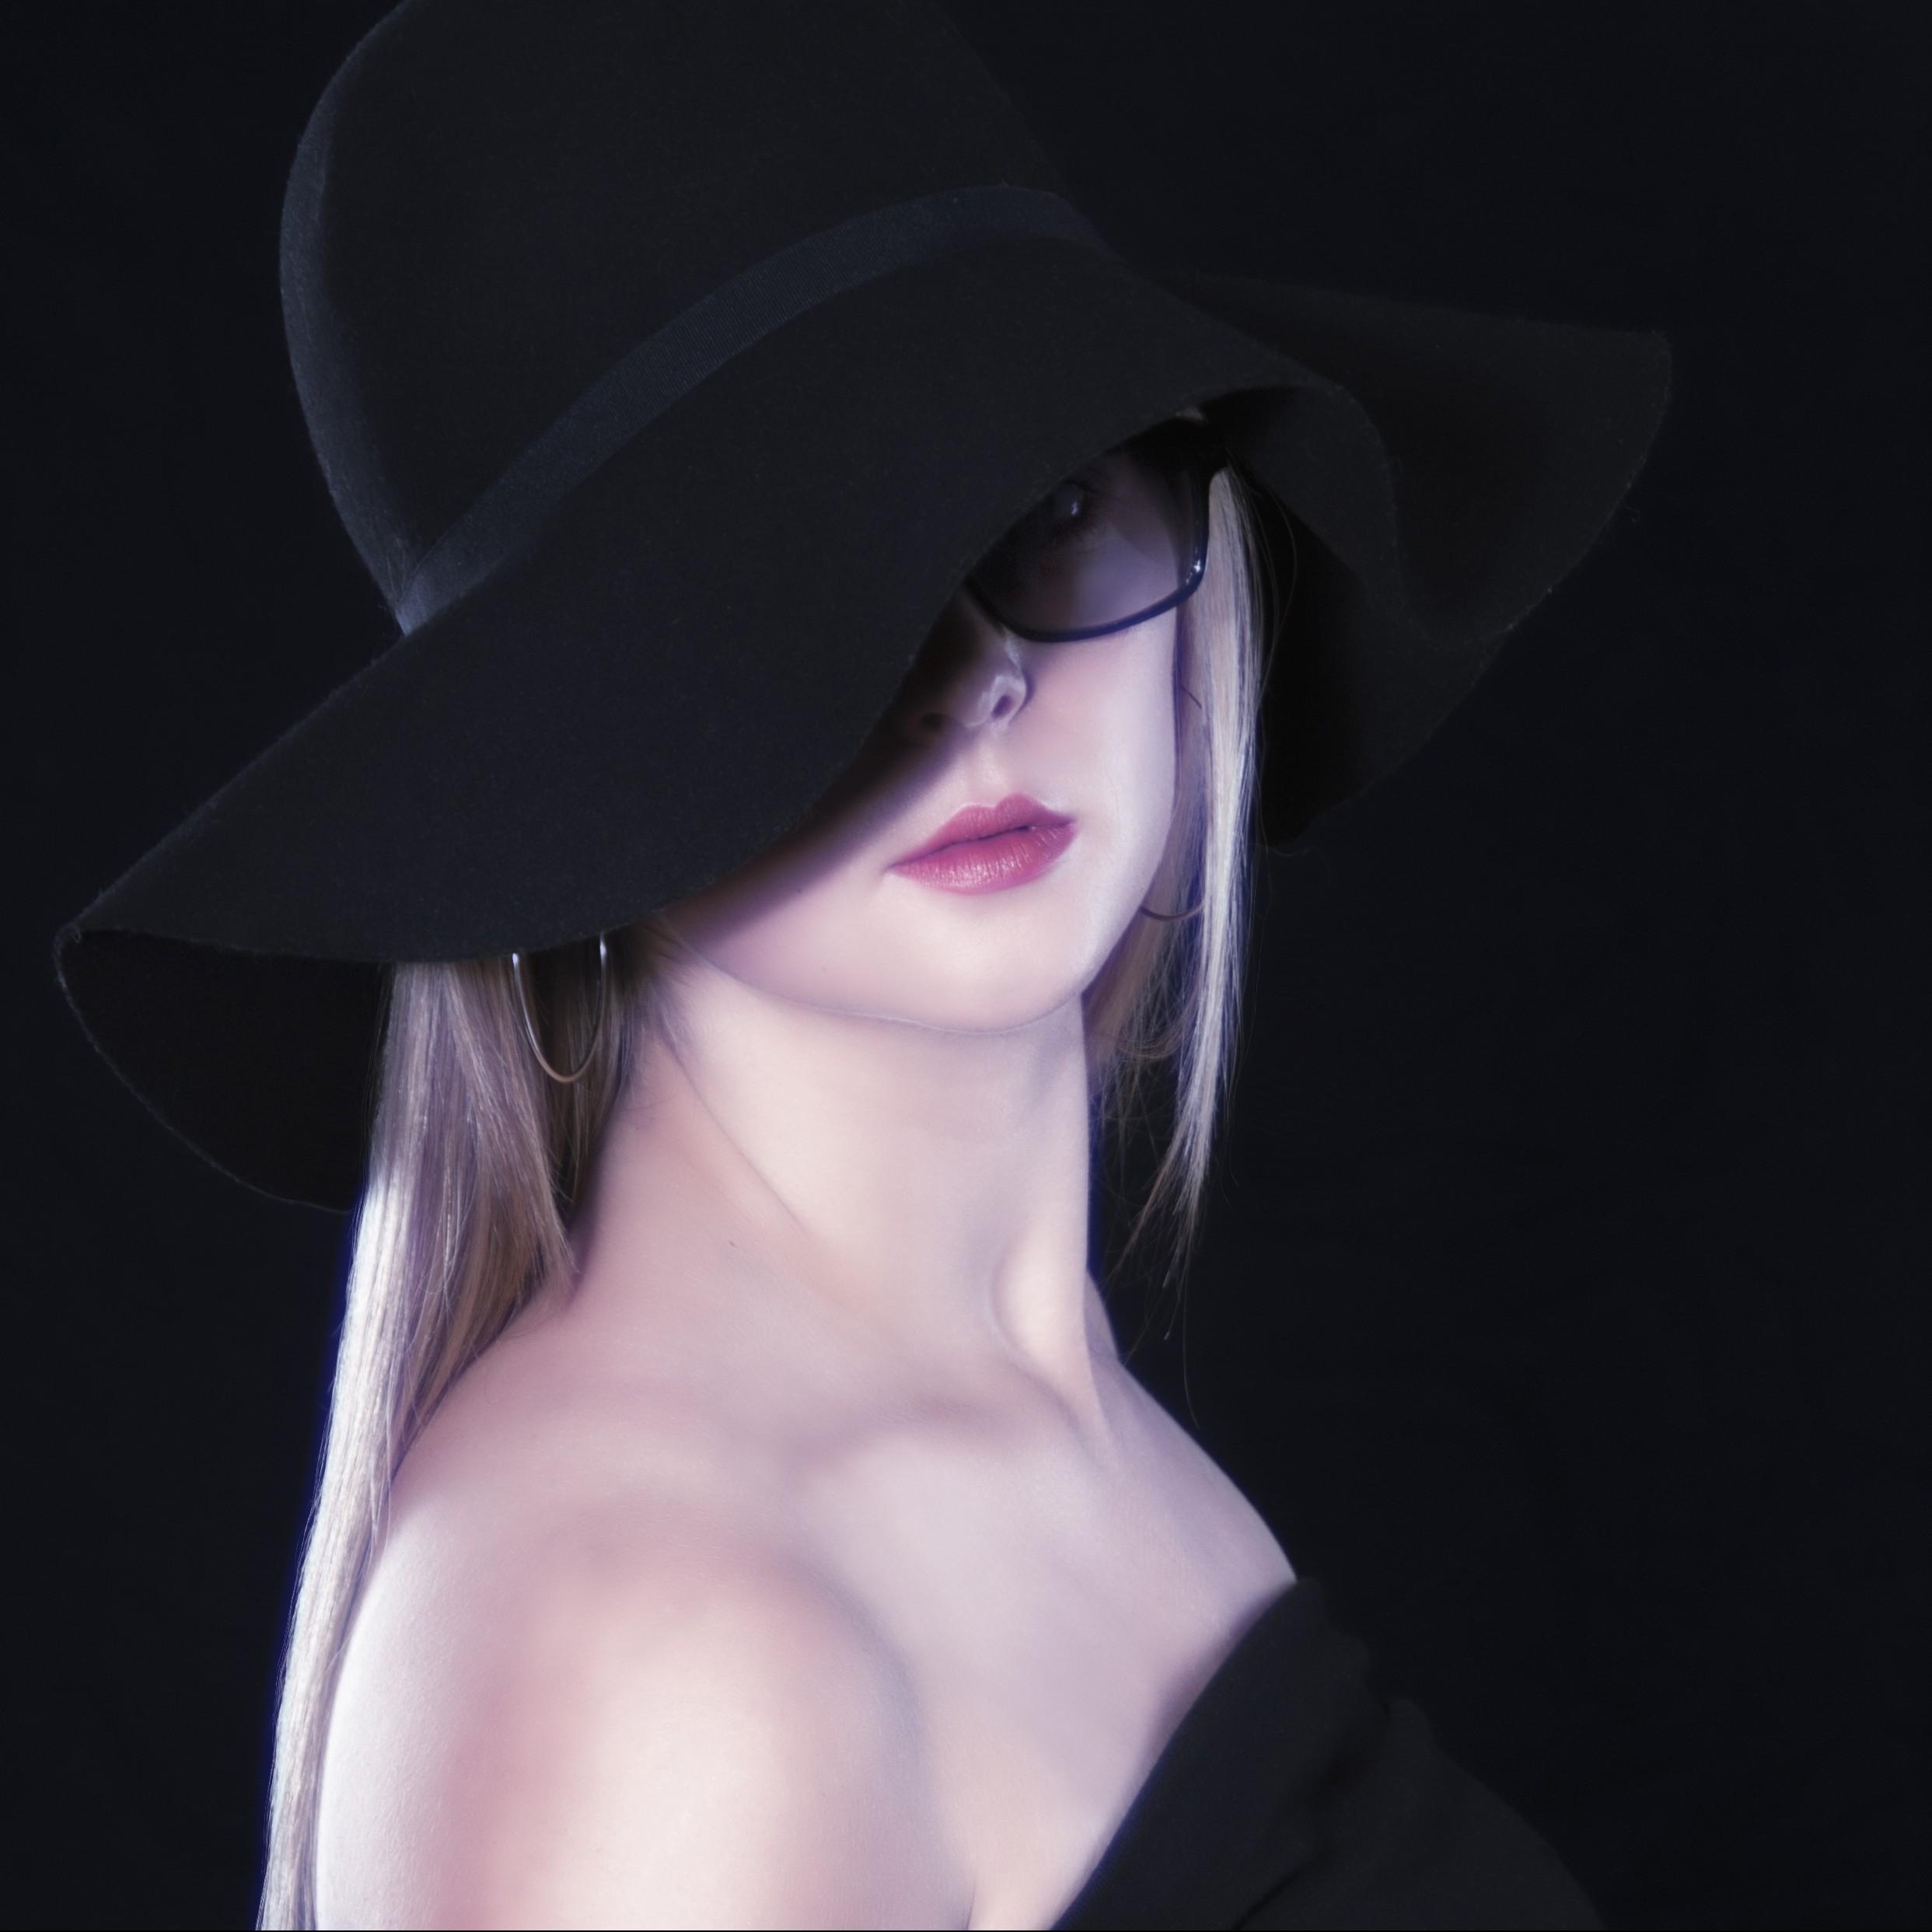 Frauenportrait, Einzelportrait, moderne Fotografie